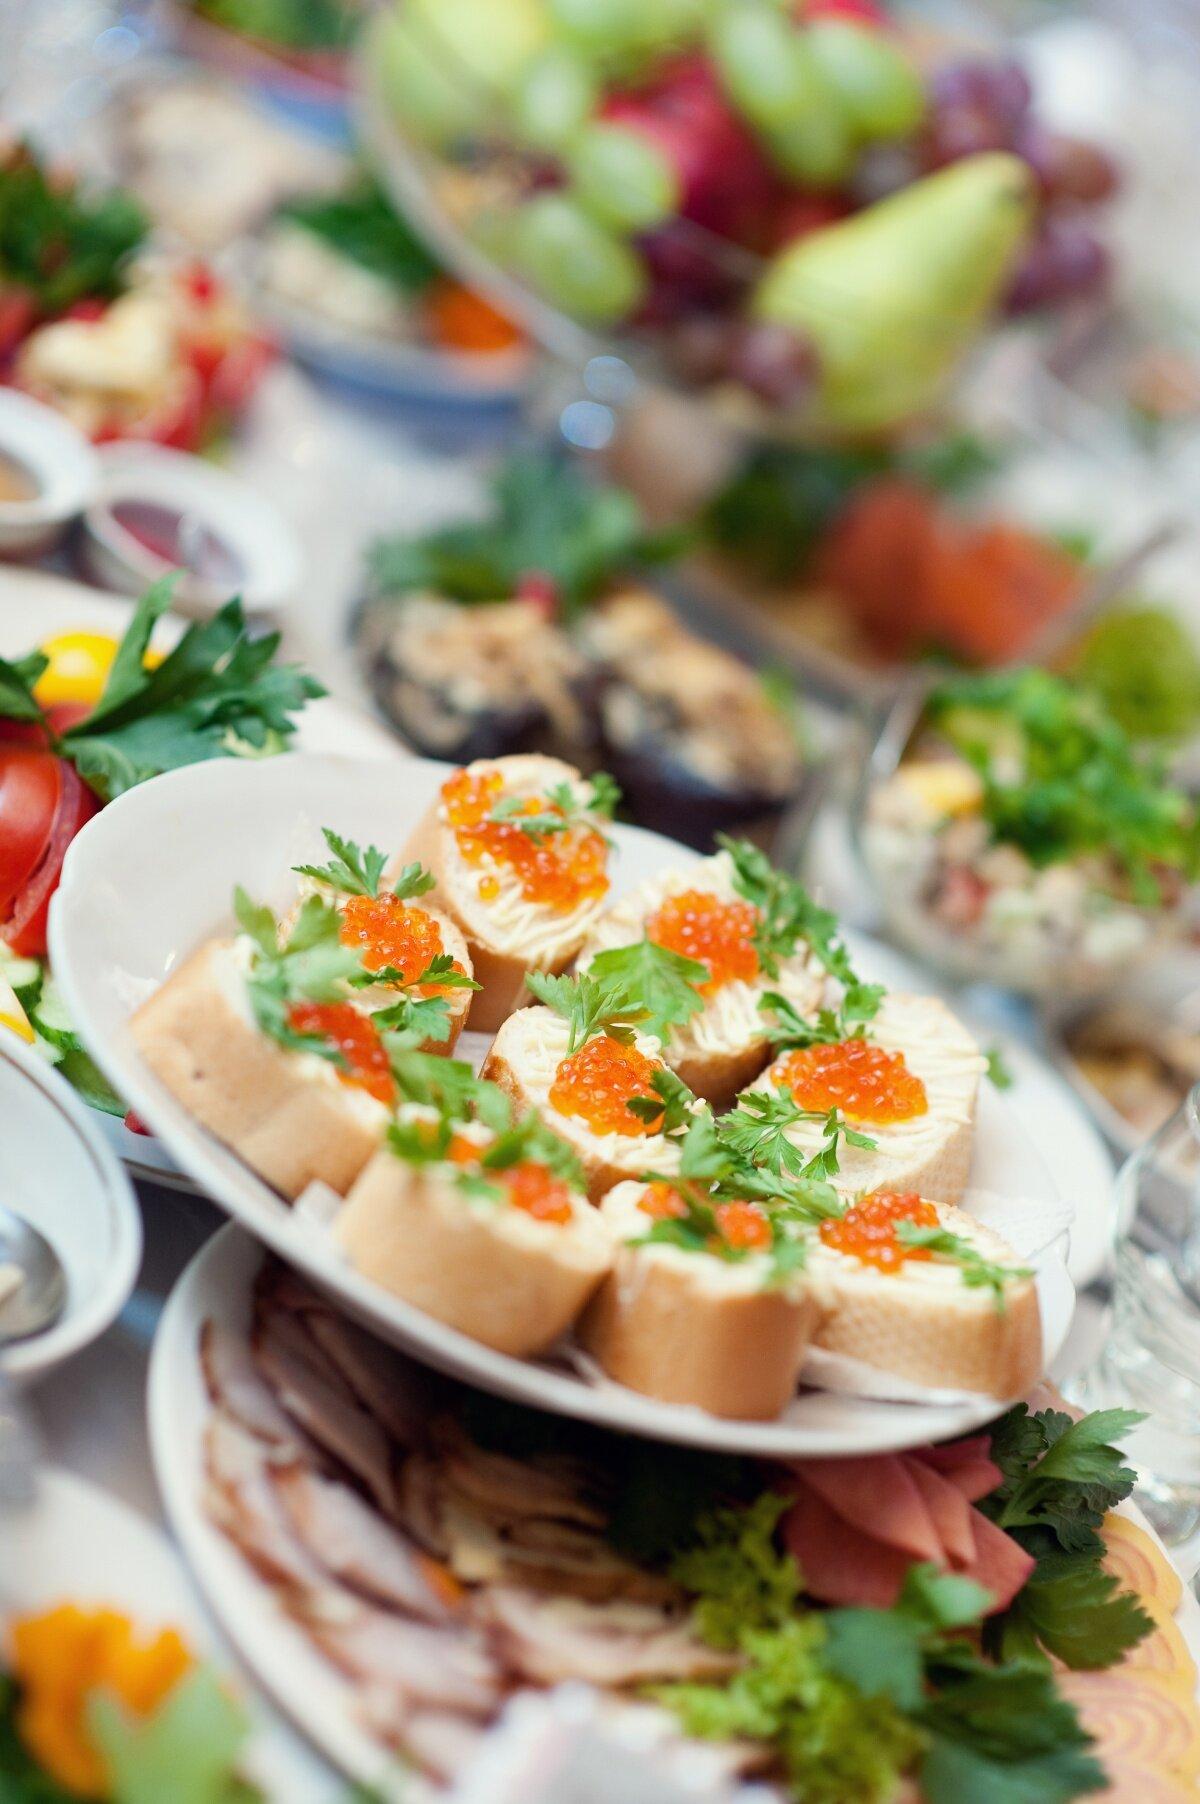 ищете рецепты на праздничный торжественный ужин с фото представлены цены